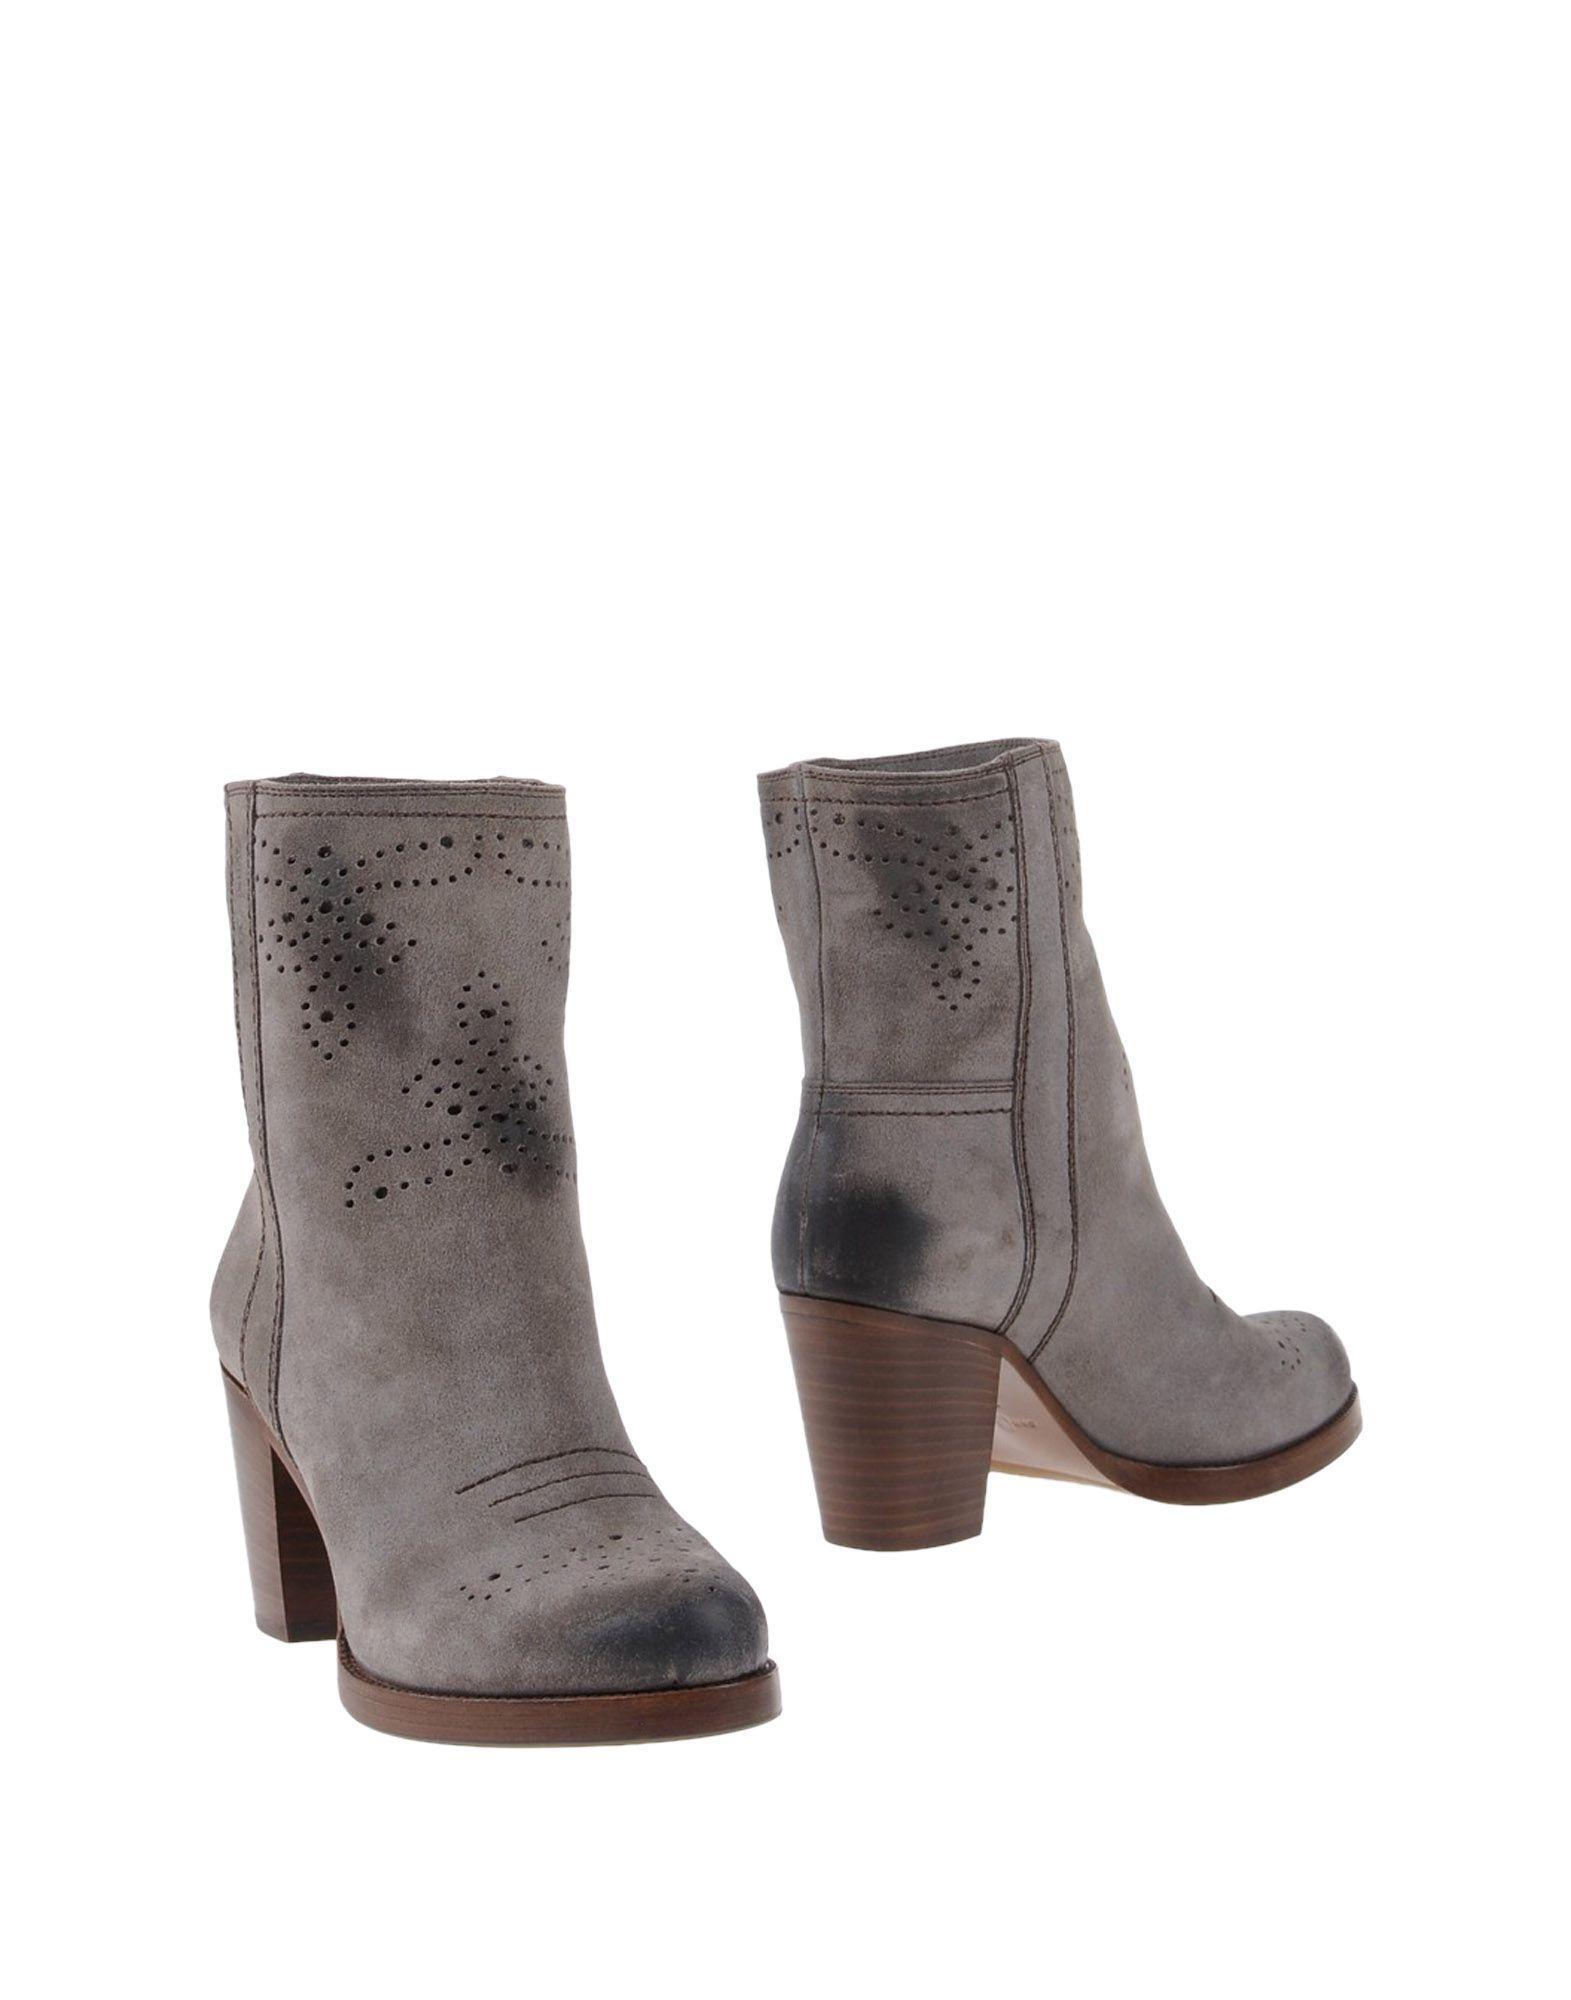 Carshoe Stiefelette Damen  11013380KO Gute Qualität beliebte Schuhe